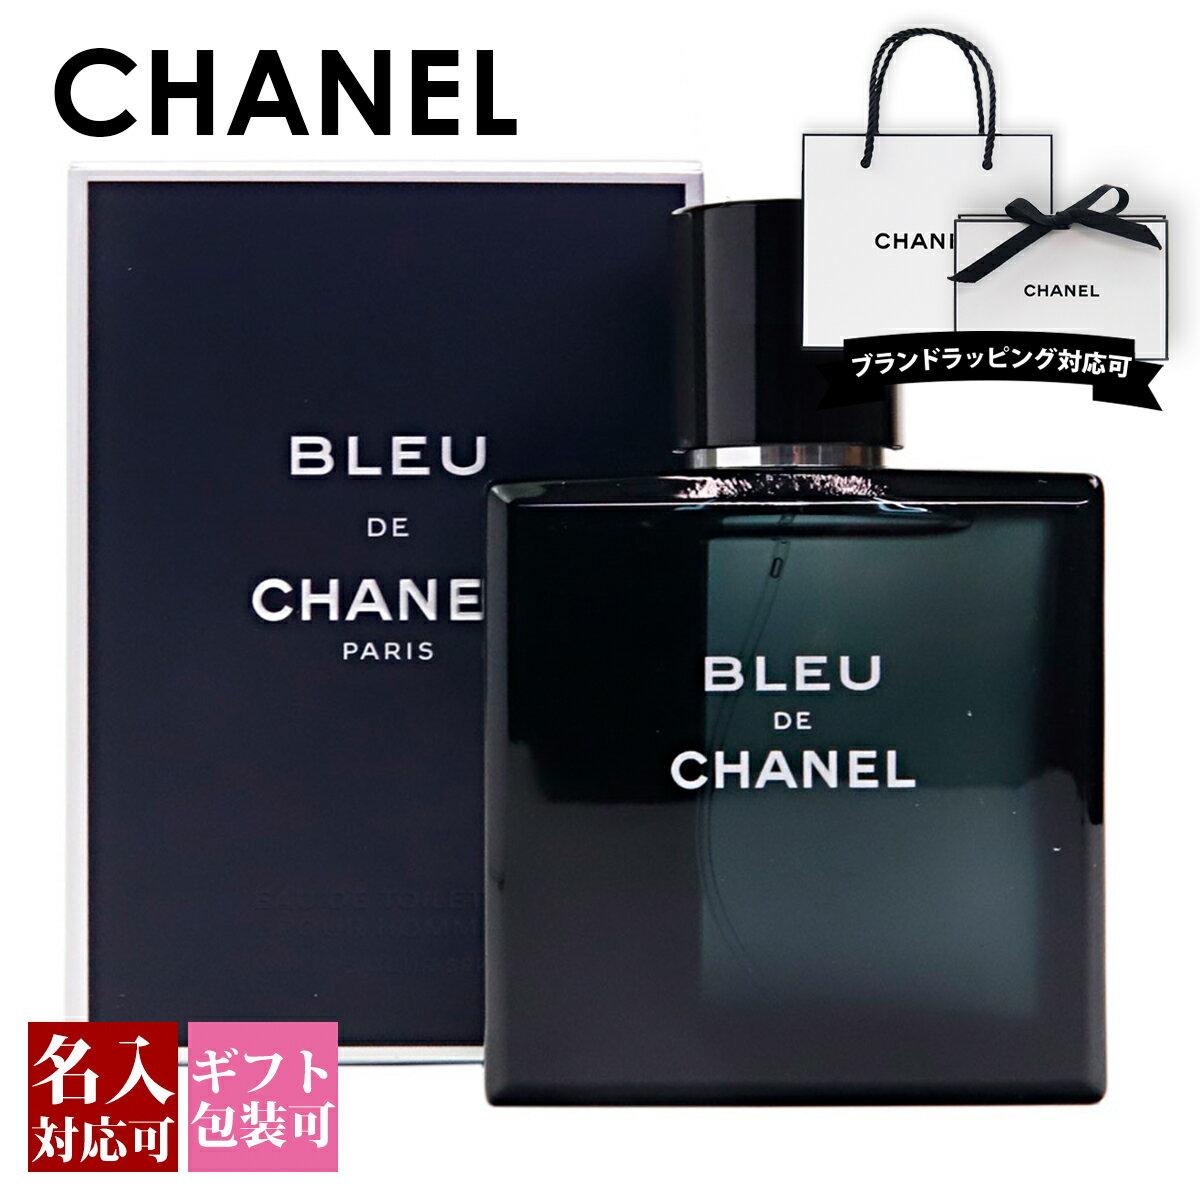 シャネル CHANEL 名入れ 香水 メンズ ブルードゥ シャネル EDT 50ml オードトワレ フレグランス 正規品 セール 送料無料ブランド 新品 新作 2018年